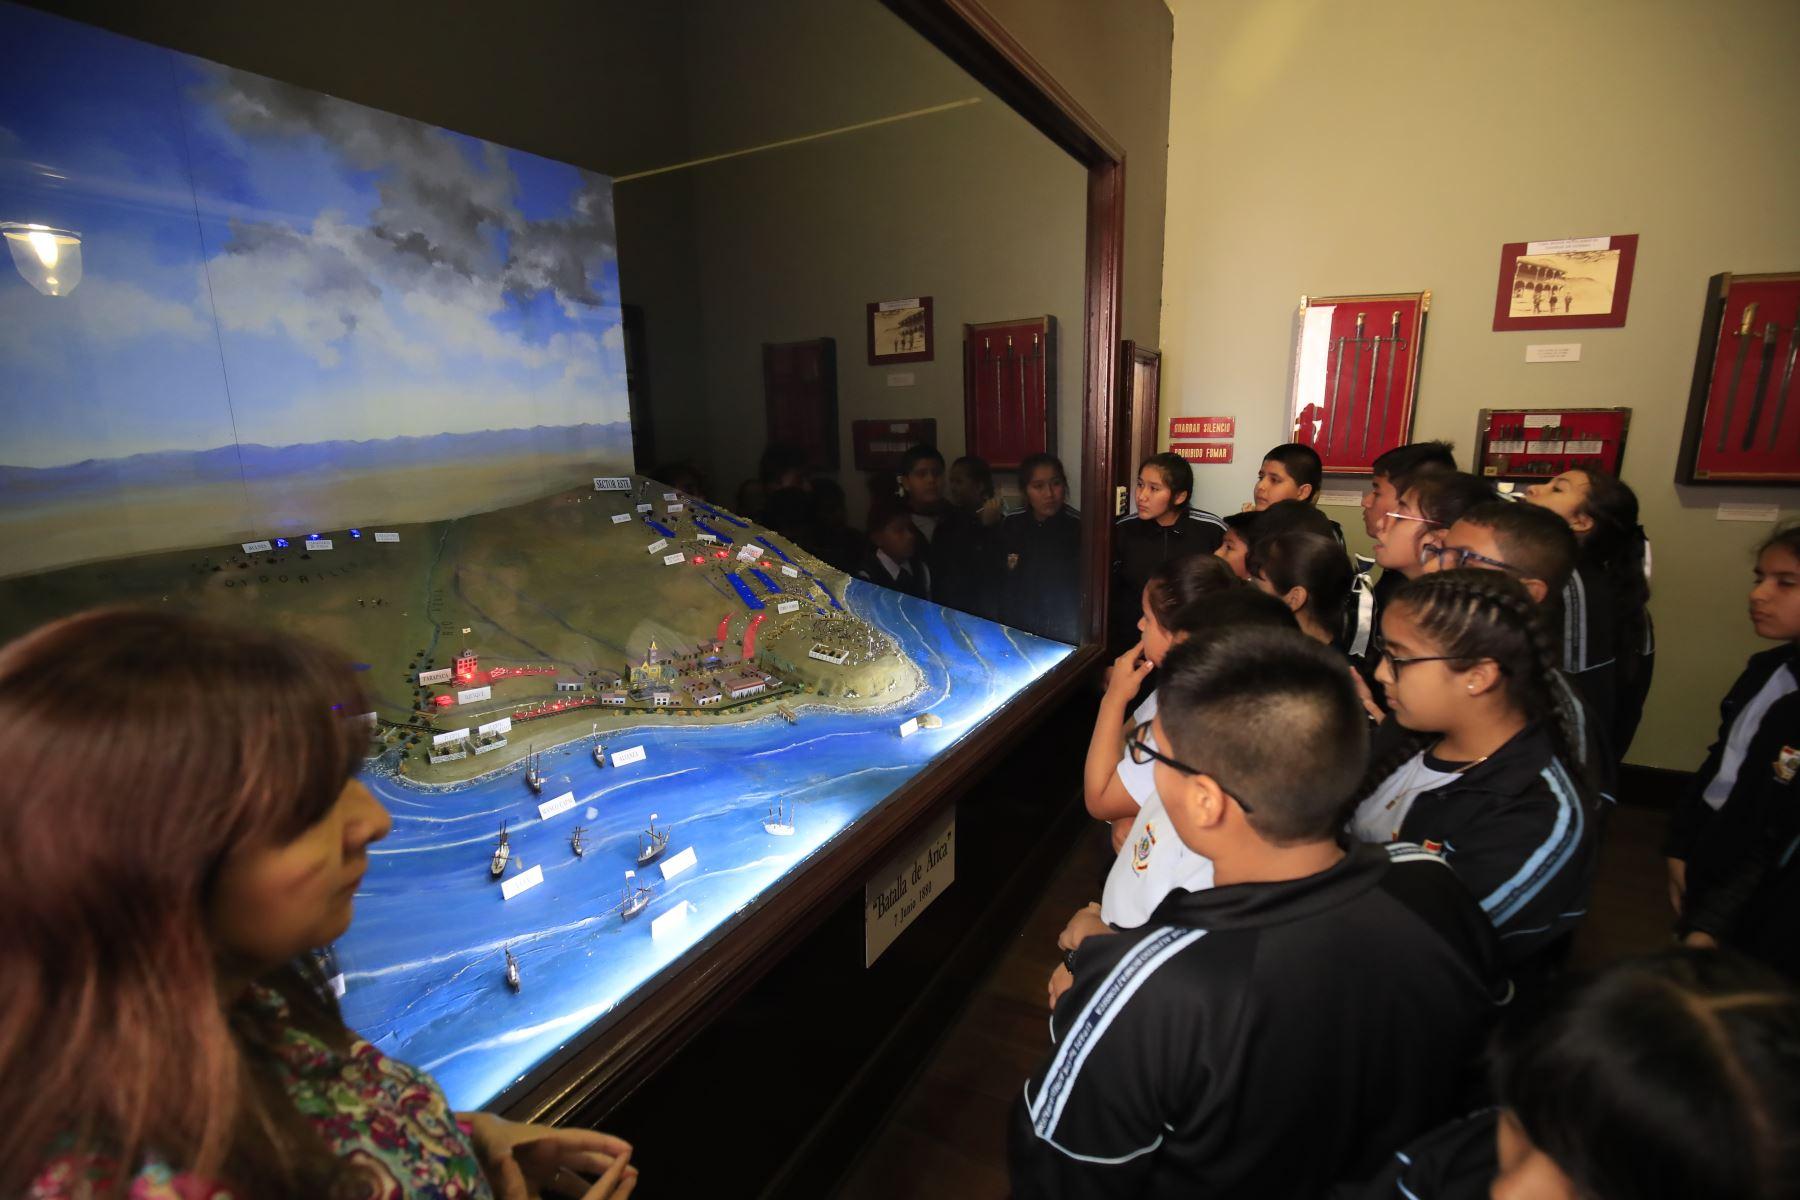 Recorrido para escolares organizado por el Ministerio de Defensa en la Casa Museo Francisco Bolognesi  Foto: ANDINA / Juan Carlos Guzmán Negrini